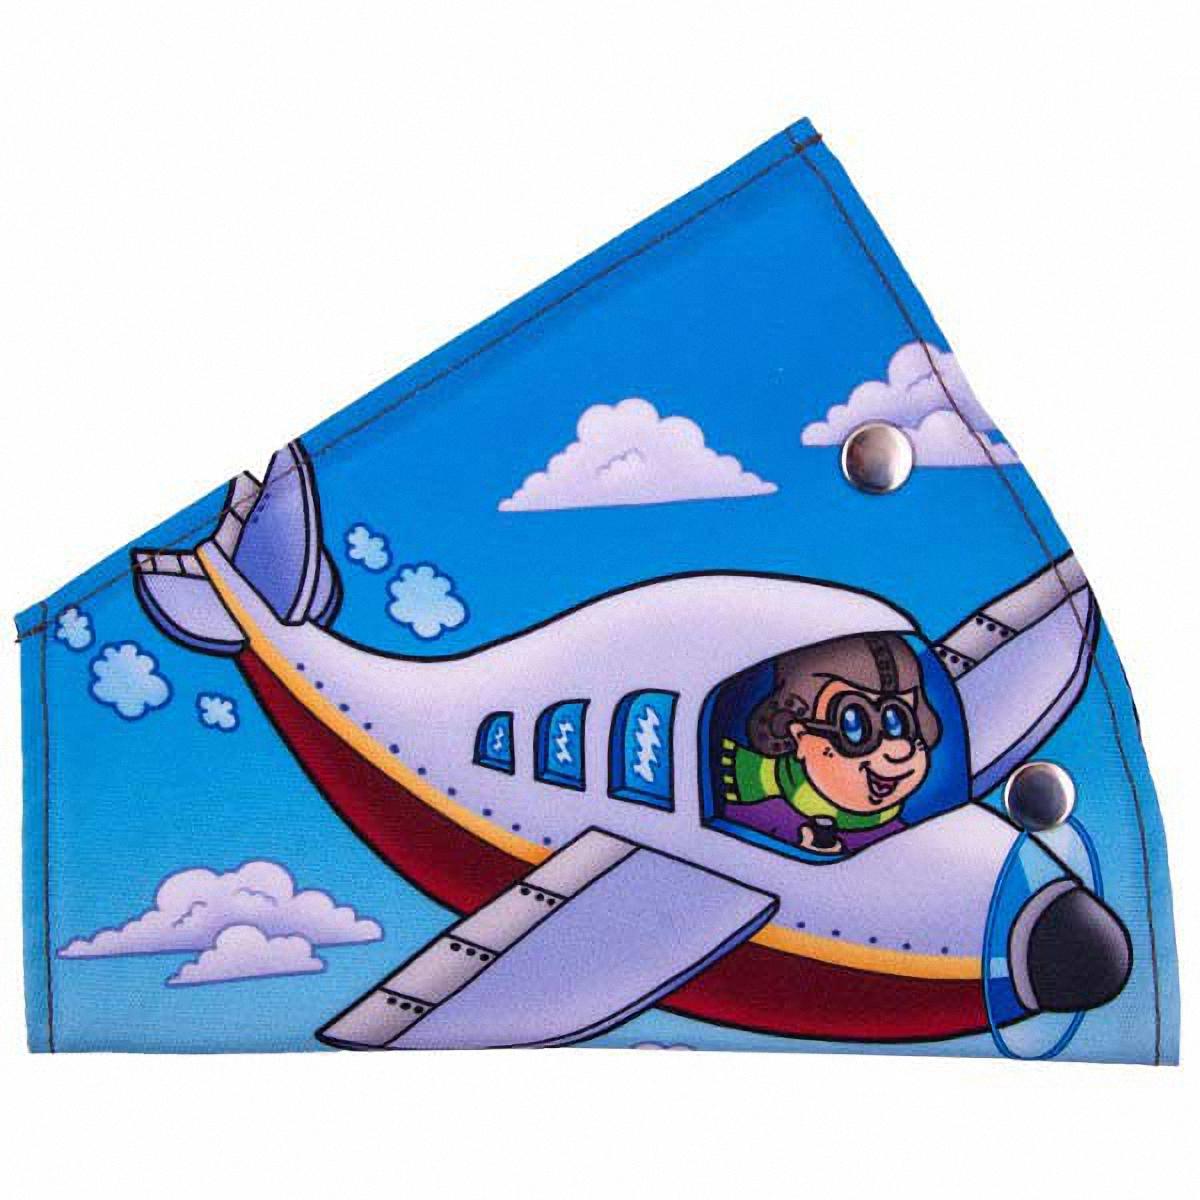 Адаптер ремня безопасности Skyway СамолетикS04007012Детский адаптер ремня безопасности, изготовленный из полиэстера и декорированный красочным рисунком, удерживает ремень безопасности в положении, удобном для человека небольшого роста. Удерживающее устройство можно установить на любой трёхточечный ремень безопасности. Подходит для ремней безопасности как слева, так и справа. При перевозке ребёнка до 12 лет адаптер ремня безопасности разрешено устанавливать только на ремни заднего сиденья.Адаптер прост в установке, легко фиксируется при помощи быстрозастегивающегося крепления.Изделие уменьшает давление ремней на тело ребёнка, удаляет ремень от лица ребенка, обеспечивая ему комфорт во время поездок.Тип крепления: кнопки.